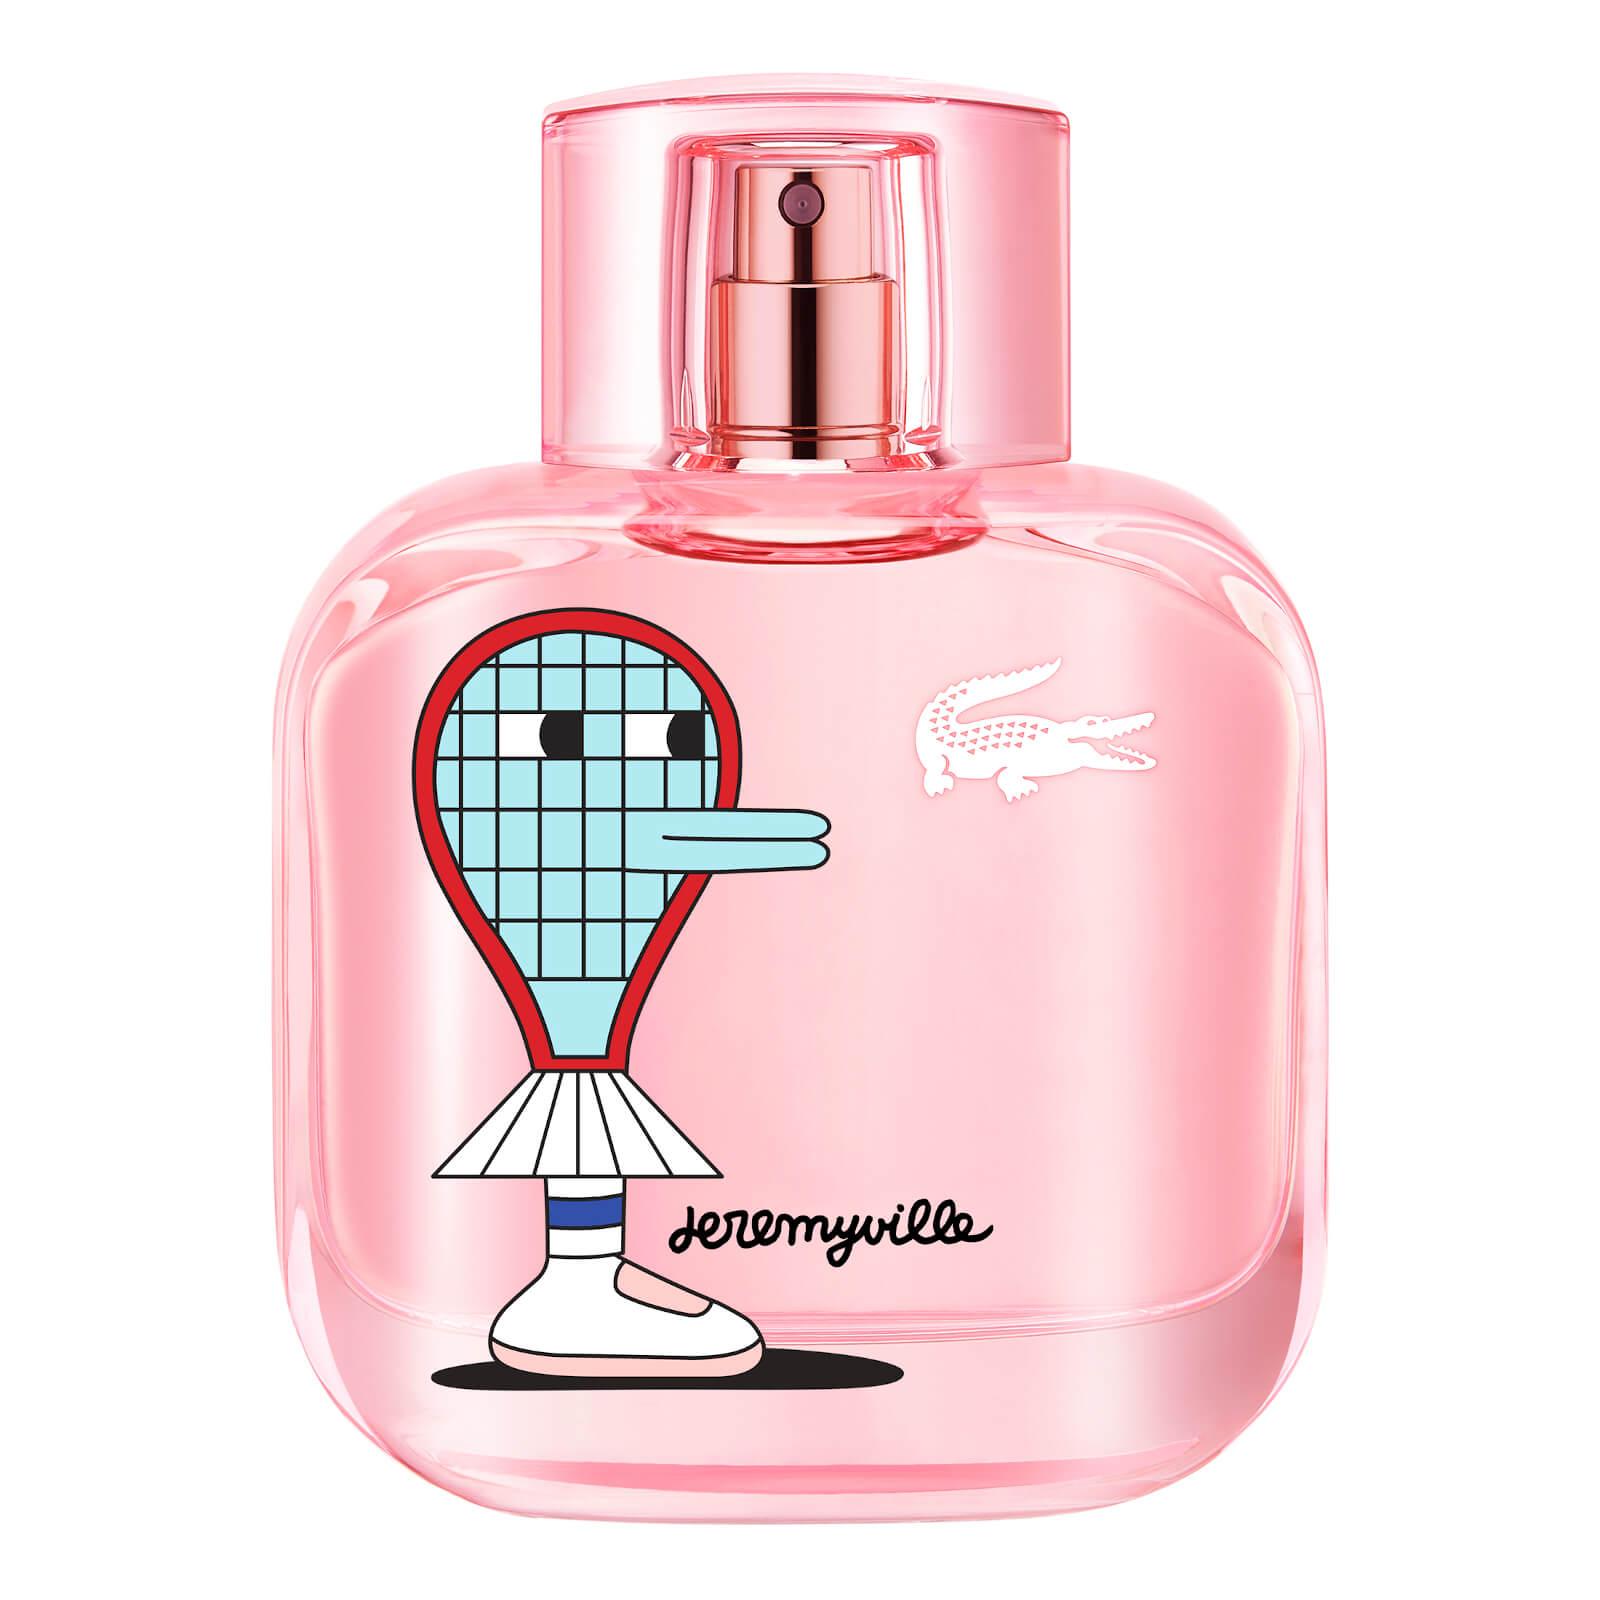 Lacoste L.12.12 Pour Elle Sparkling x Jeremyville Eau de Toilette 90ml - £16.50 Click & Collect / £18.50 Delivered @ Boots